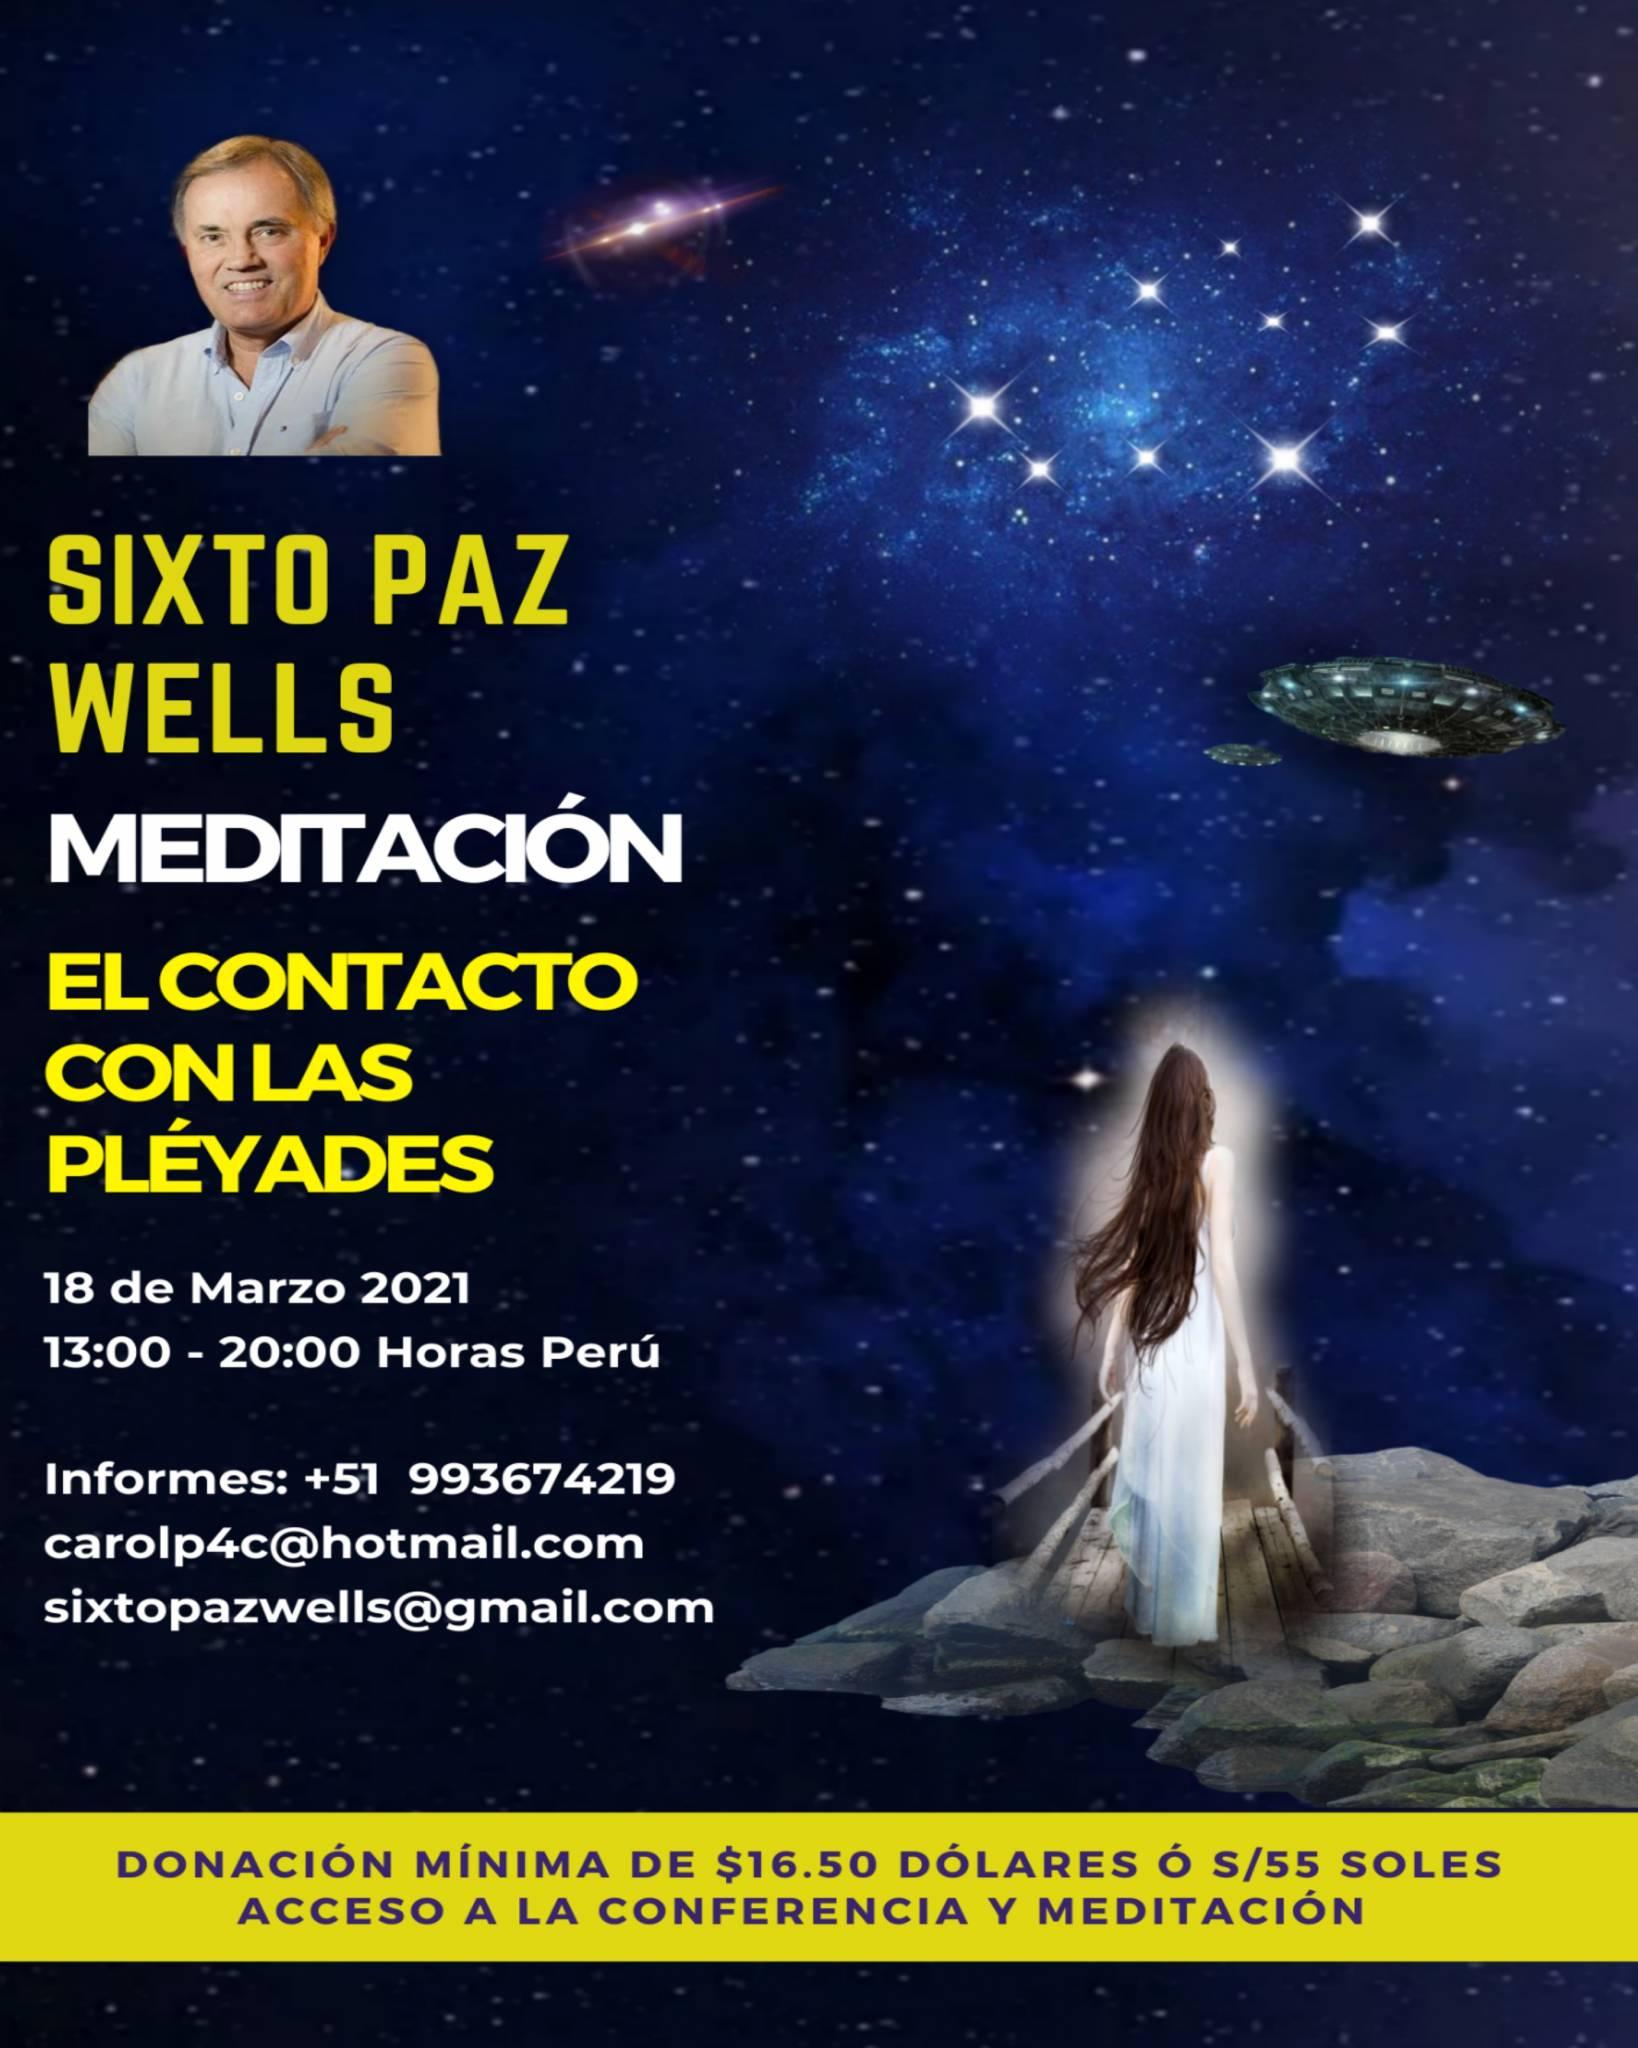 MEDITACIÓN EN VIVO  «EL CONTACTO CON LAS PLÉYADES»